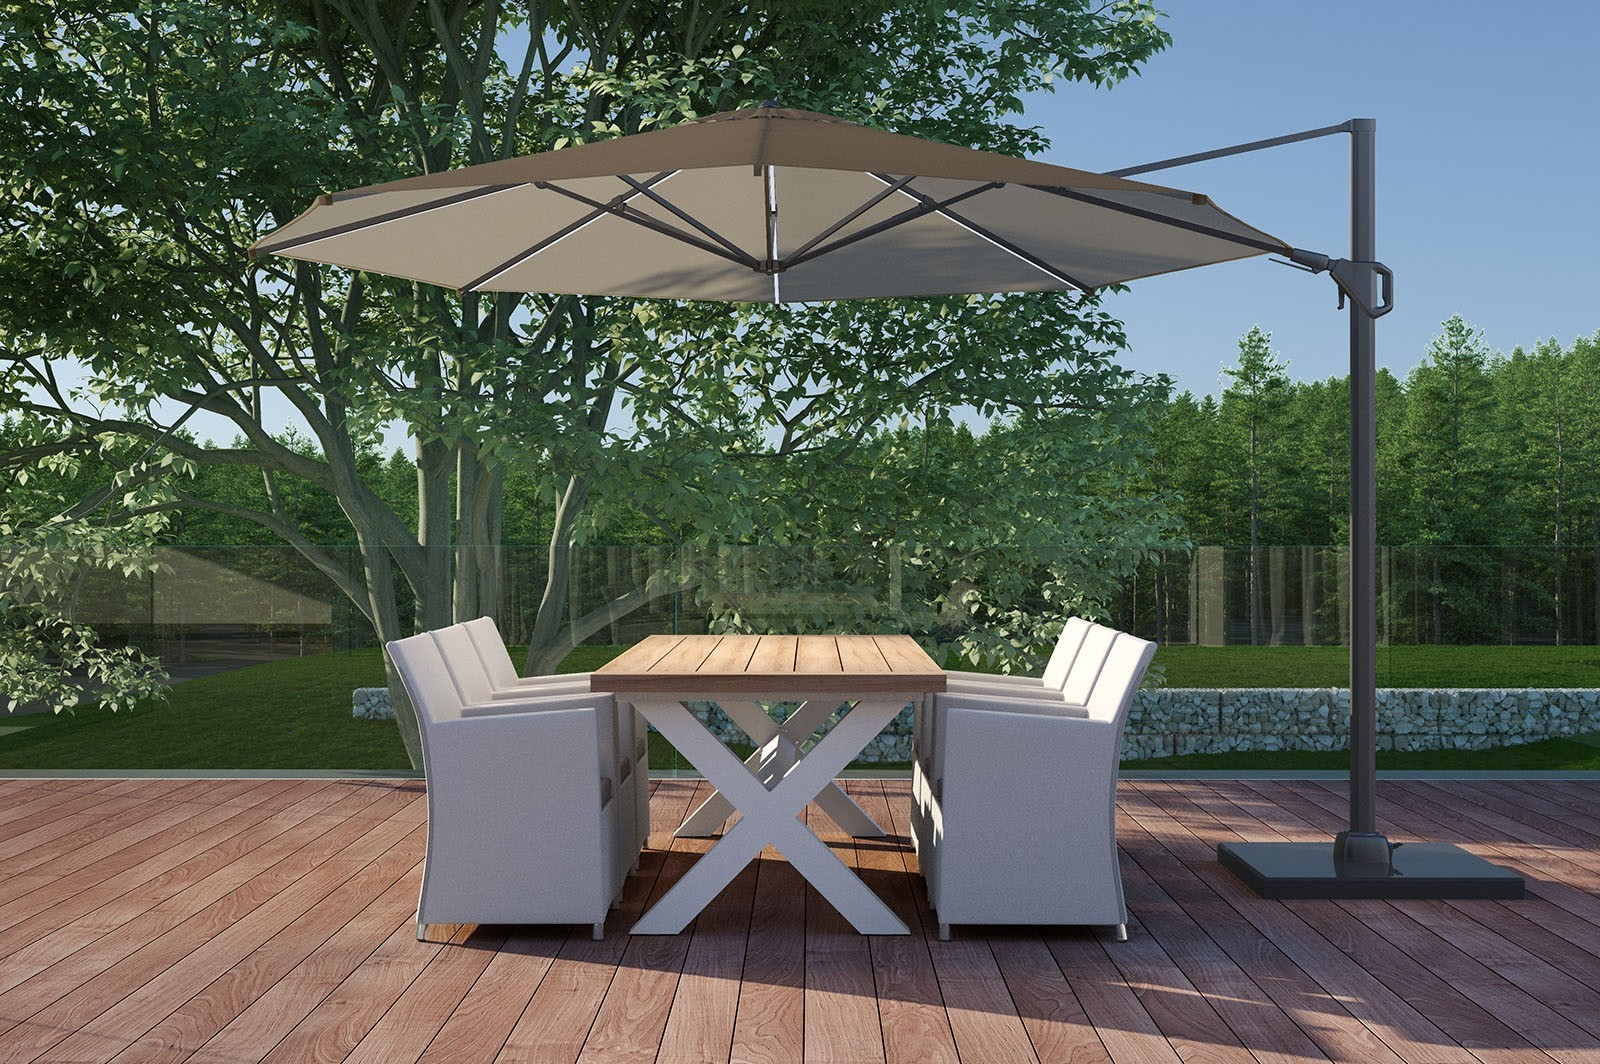 Stół i krzesła na taras Stół i krzesła na taras – wygodna alternatywa dla klasycznych mebli wypoczynkowych